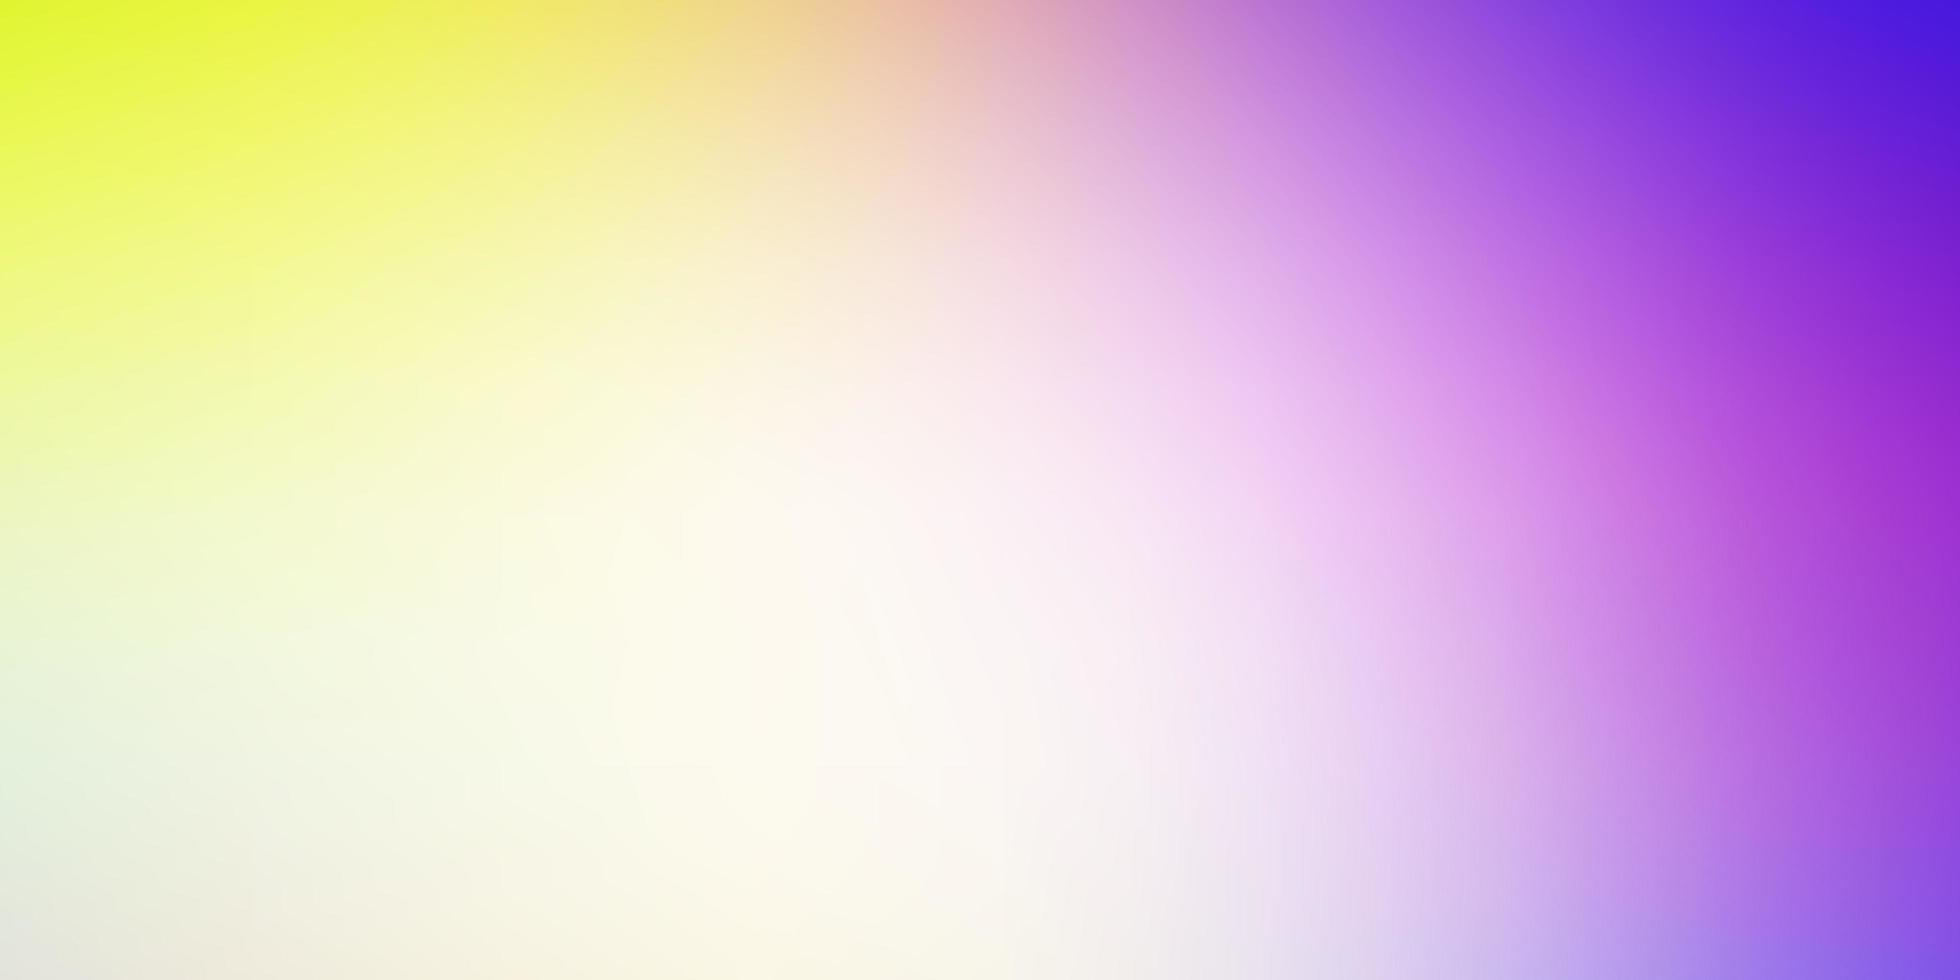 modello colorato sfocato vettoriale multicolore chiaro.